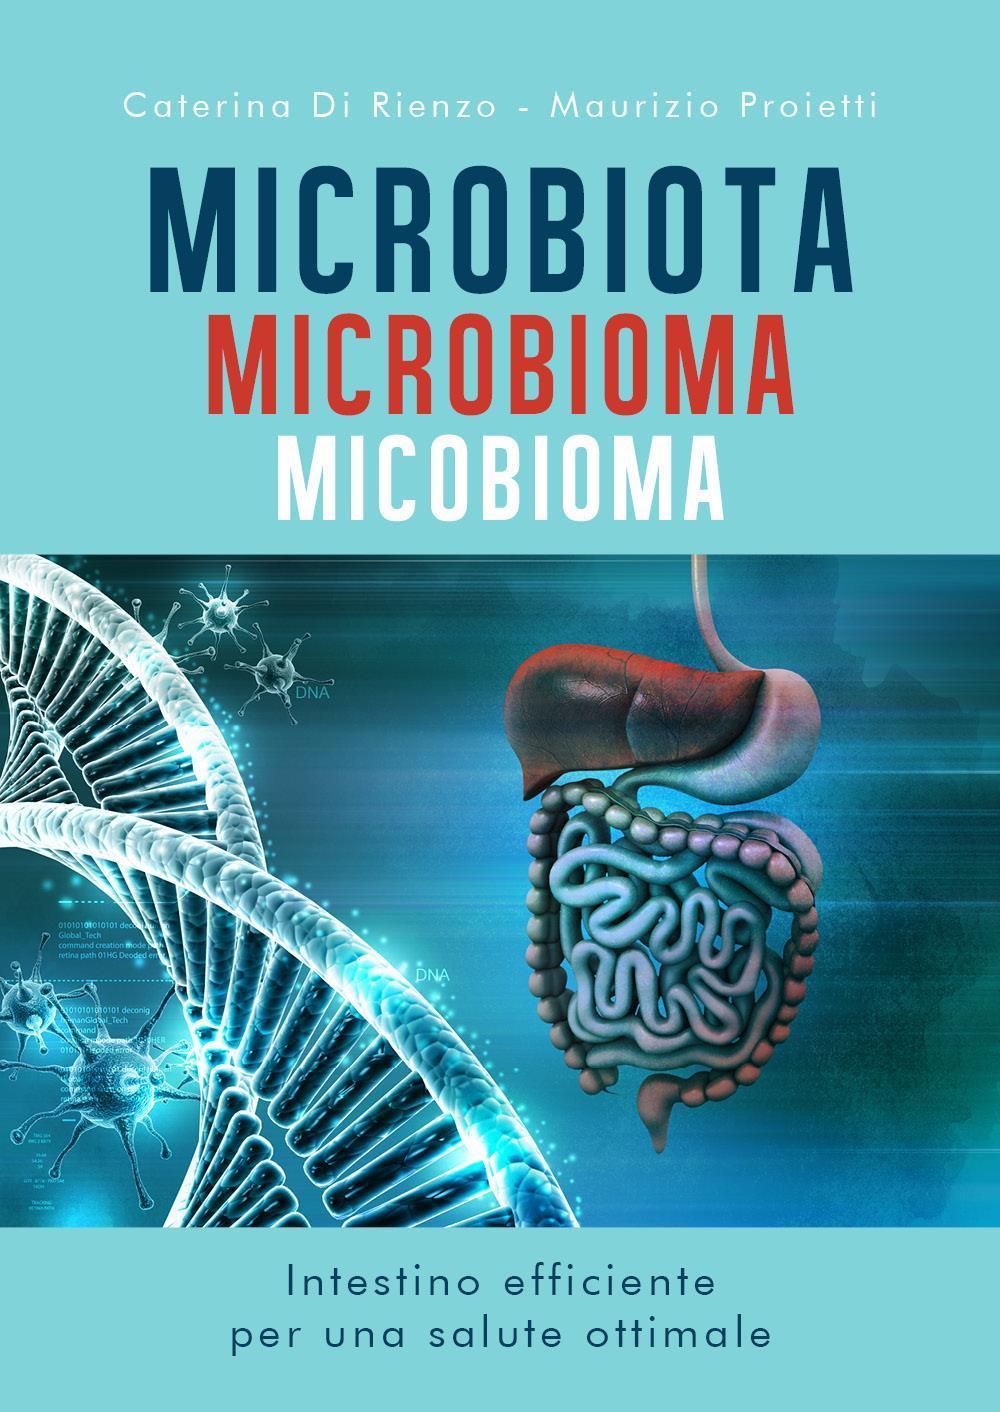 MICROBIOTA MICROBIOMA MICOBIOMA Intestino efficiente per una salute ottimale